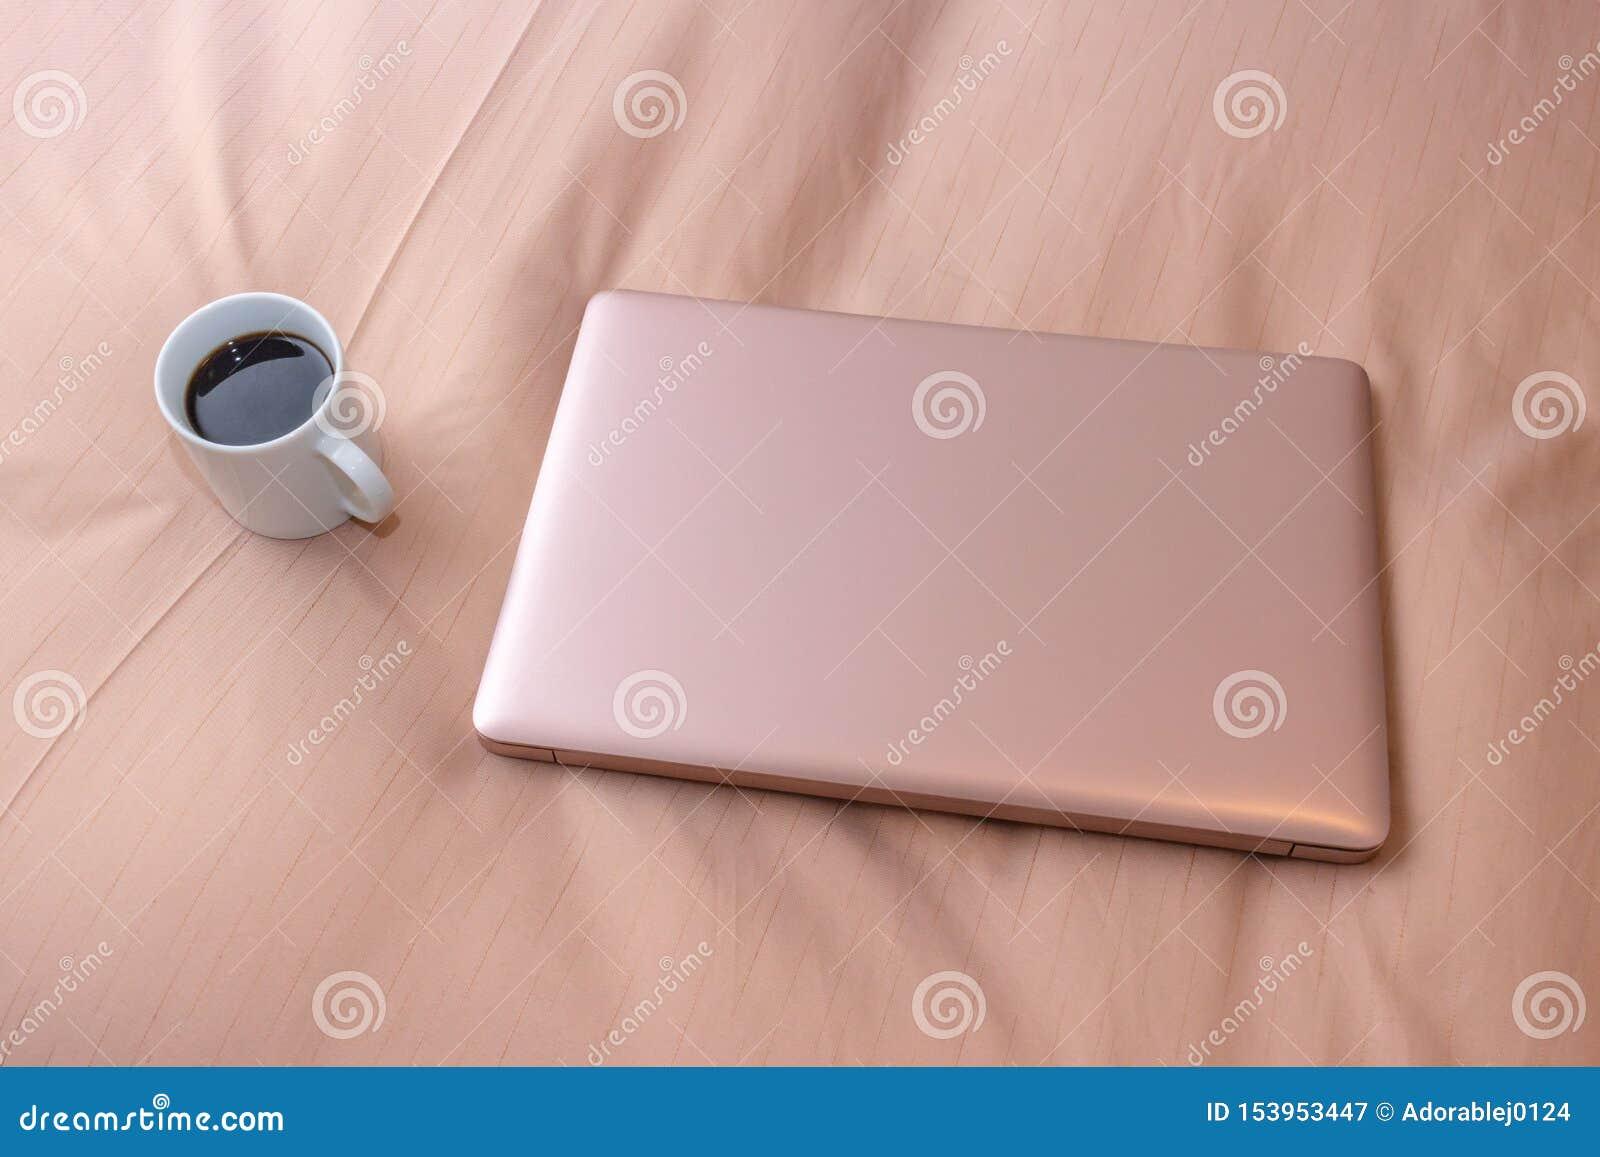 Laptop und ein Tasse Kaffee auf dem Bett, Geschäftsreise